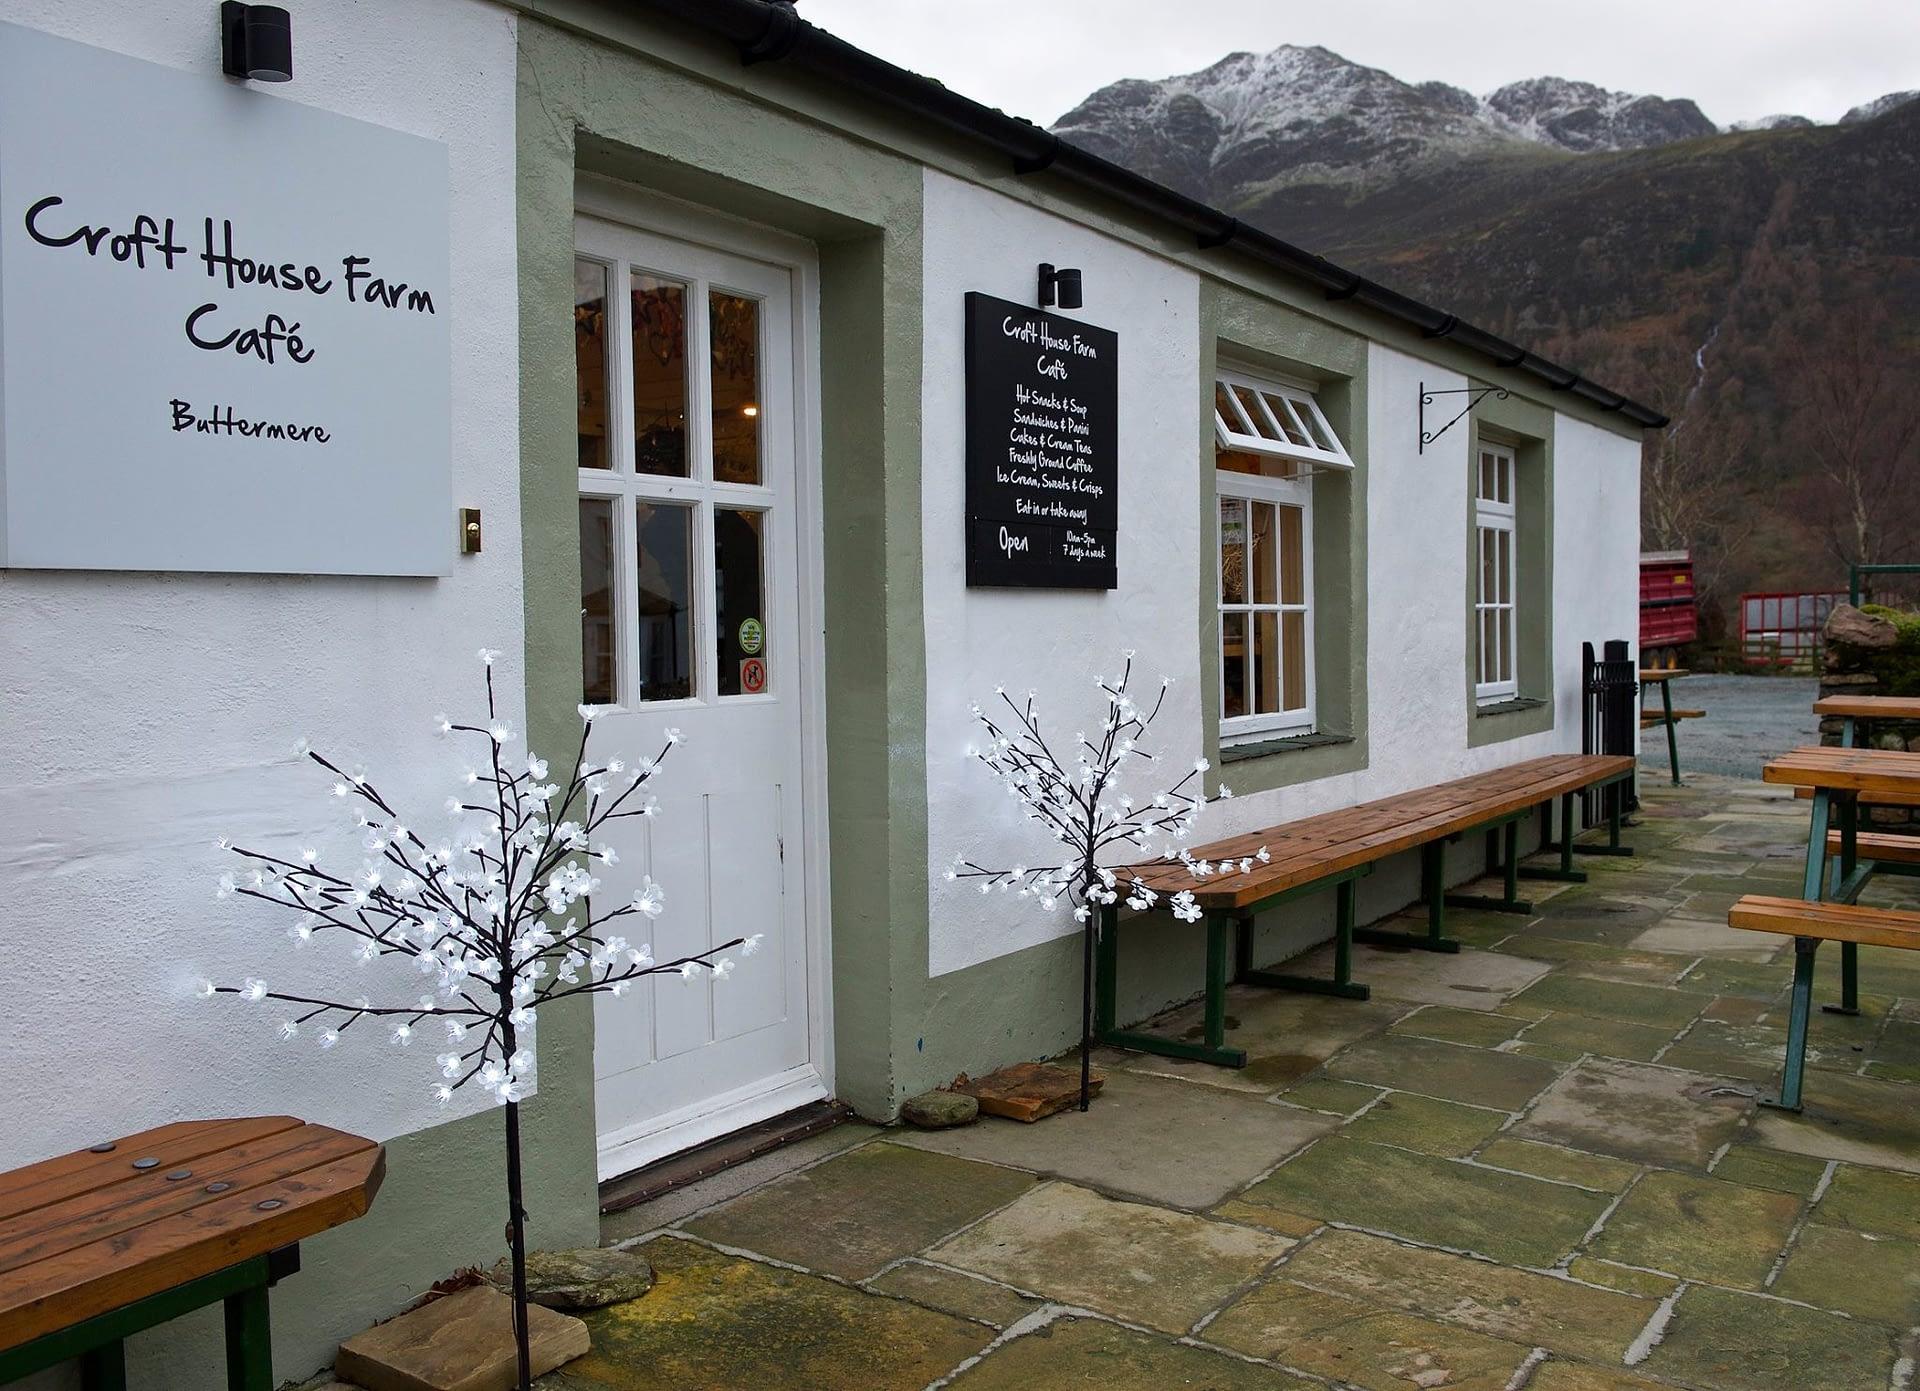 Croft House Farm Café